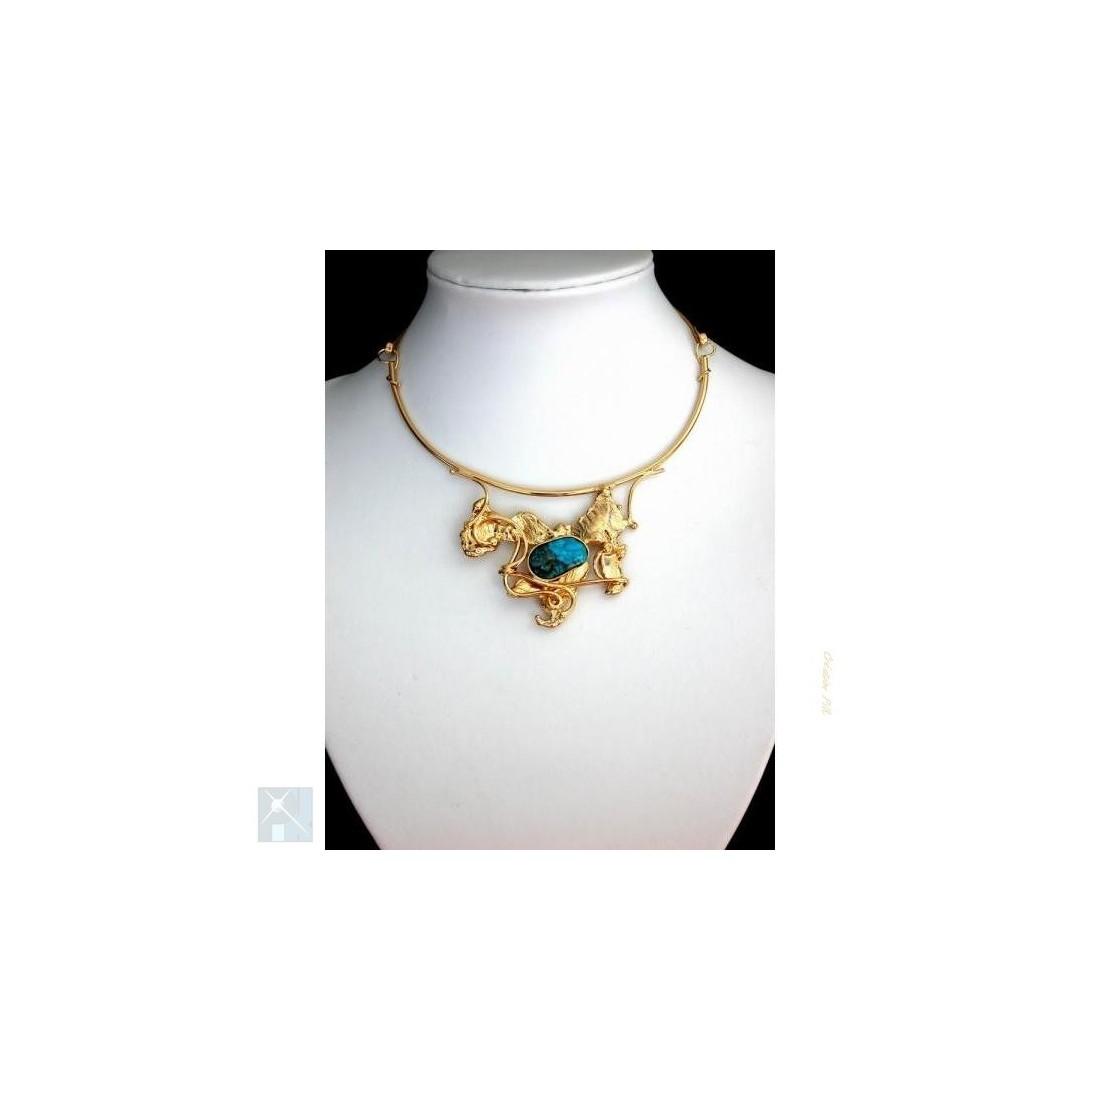 Collier unique avec agate bleu, création artisanale.